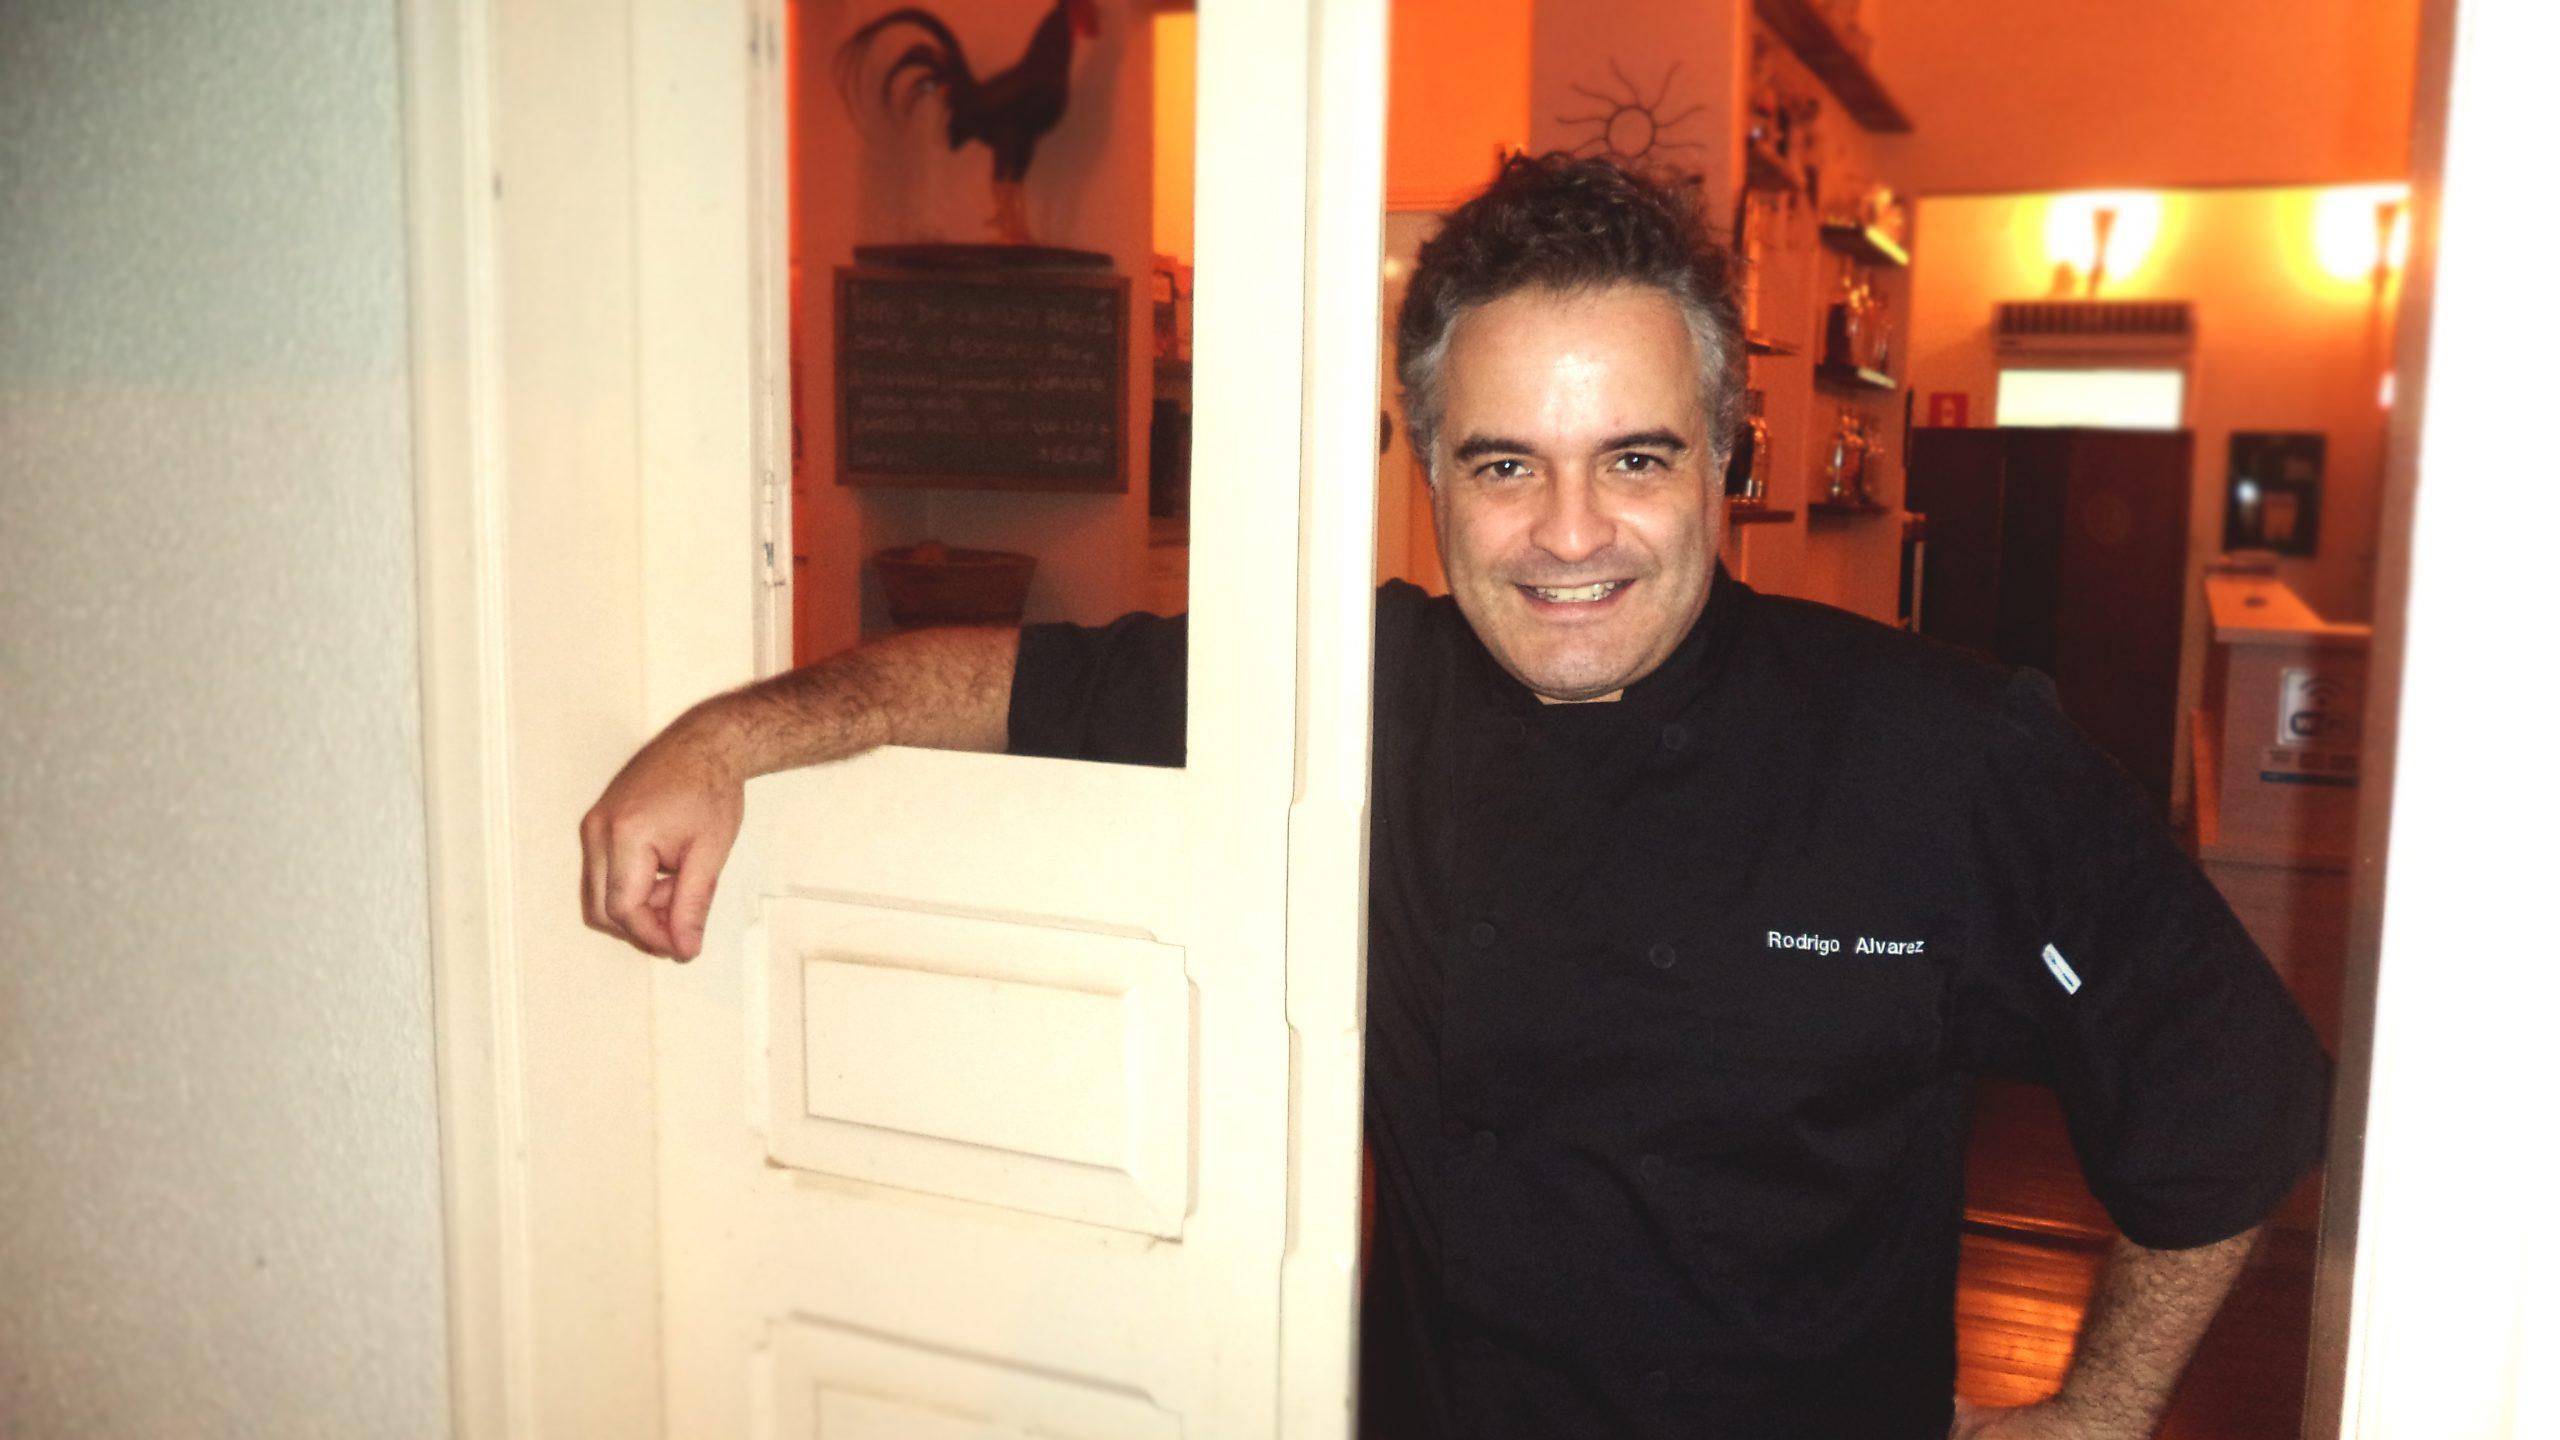 Rodrigo Alvarez: Chef busca na culinária latino americana referências para construir seus pratos